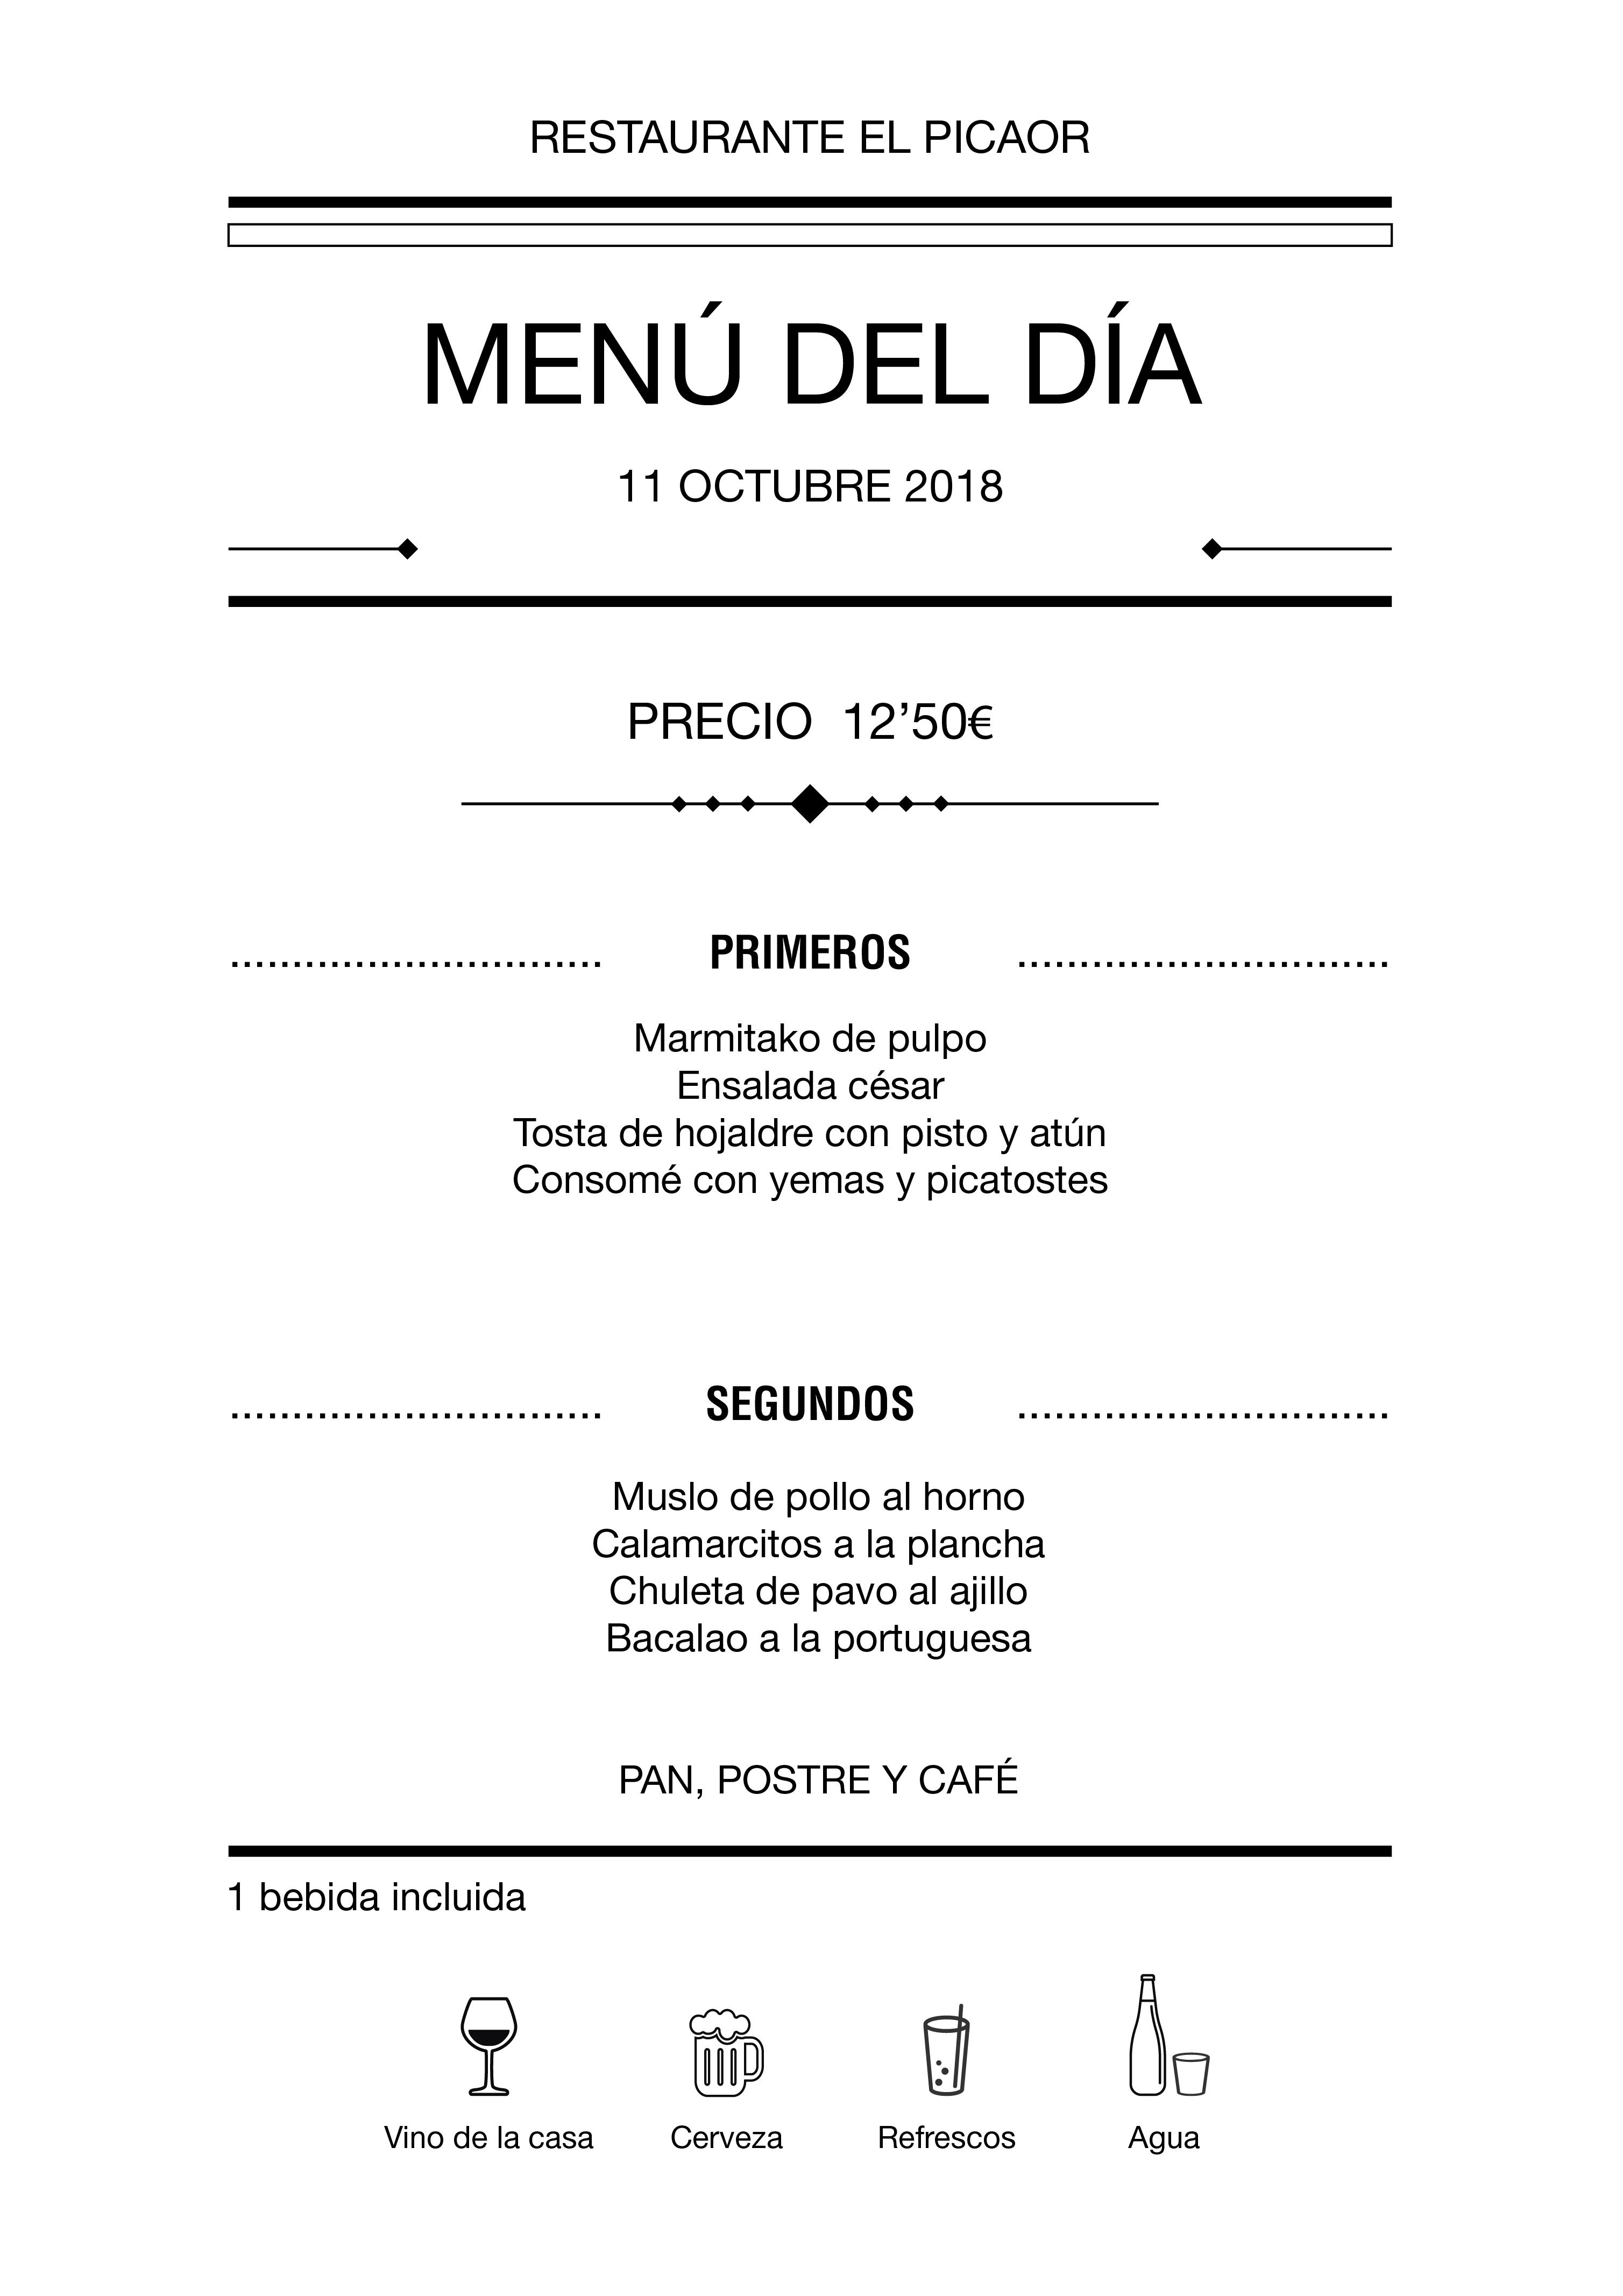 Menú diario El Picaor 11/10/18